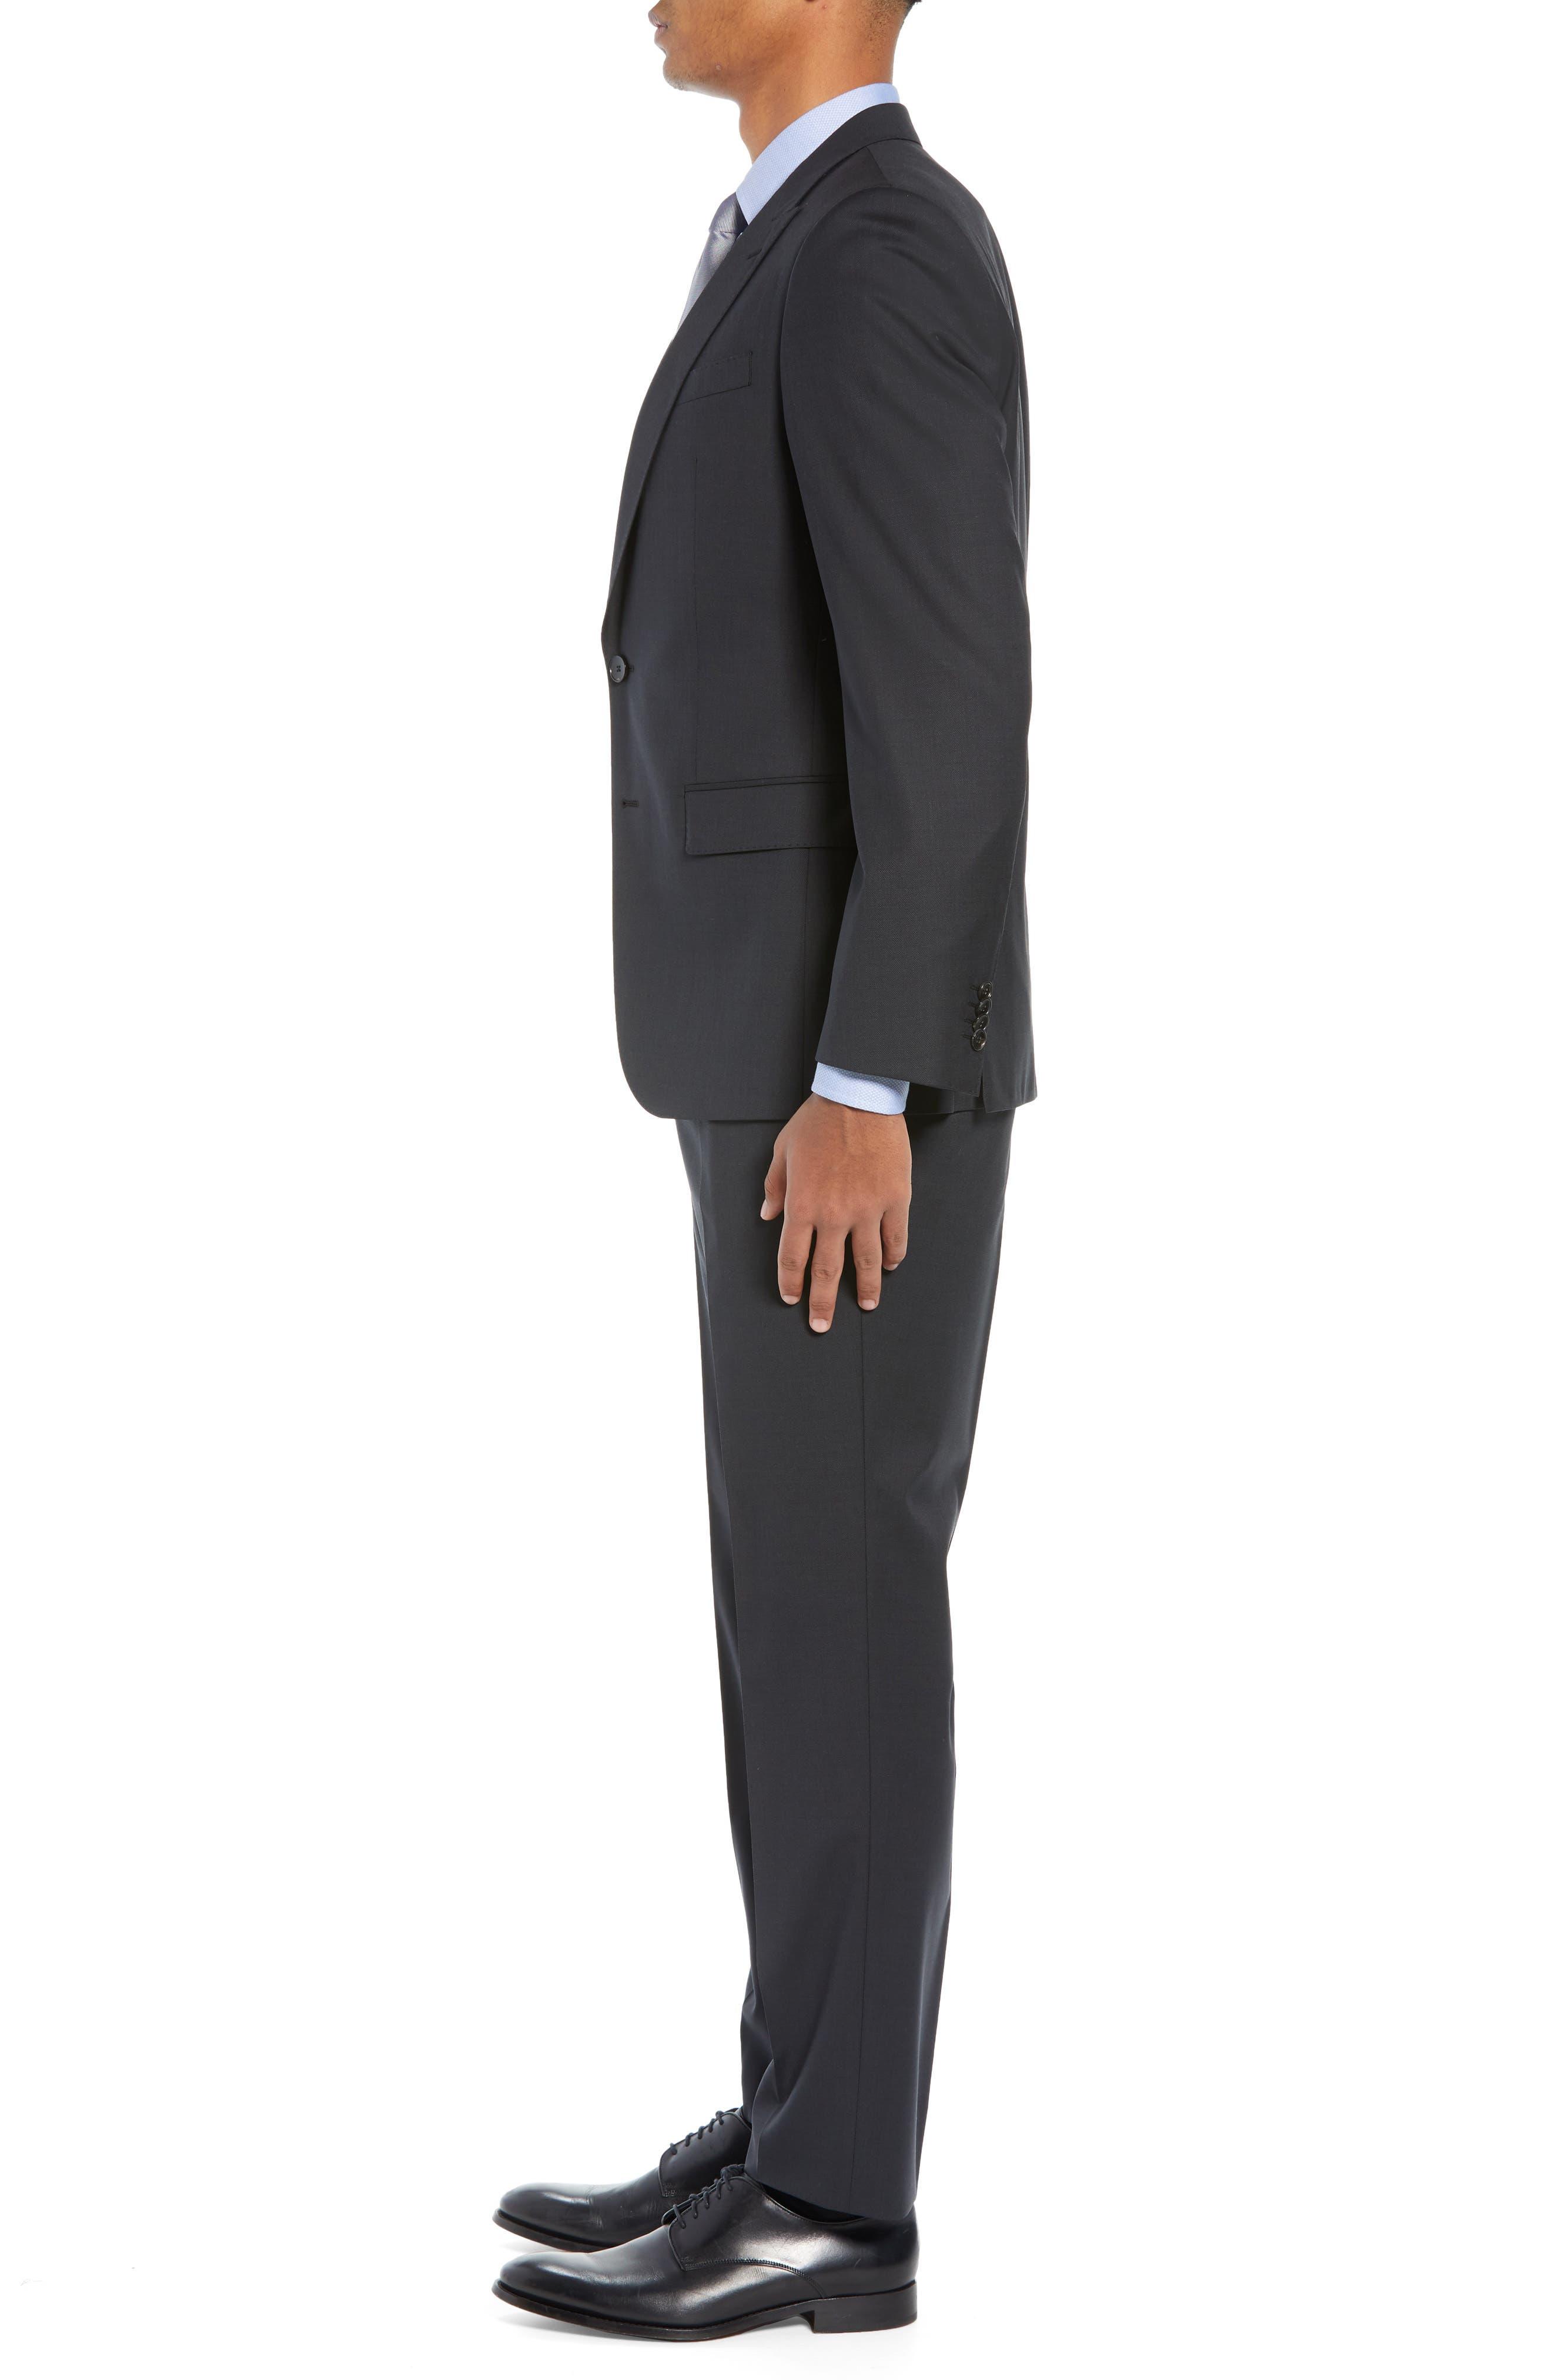 BOSS,                             Helward/Genius Trim Fit Solid Three Piece Wool Suit,                             Alternate thumbnail 4, color,                             DARK GREY